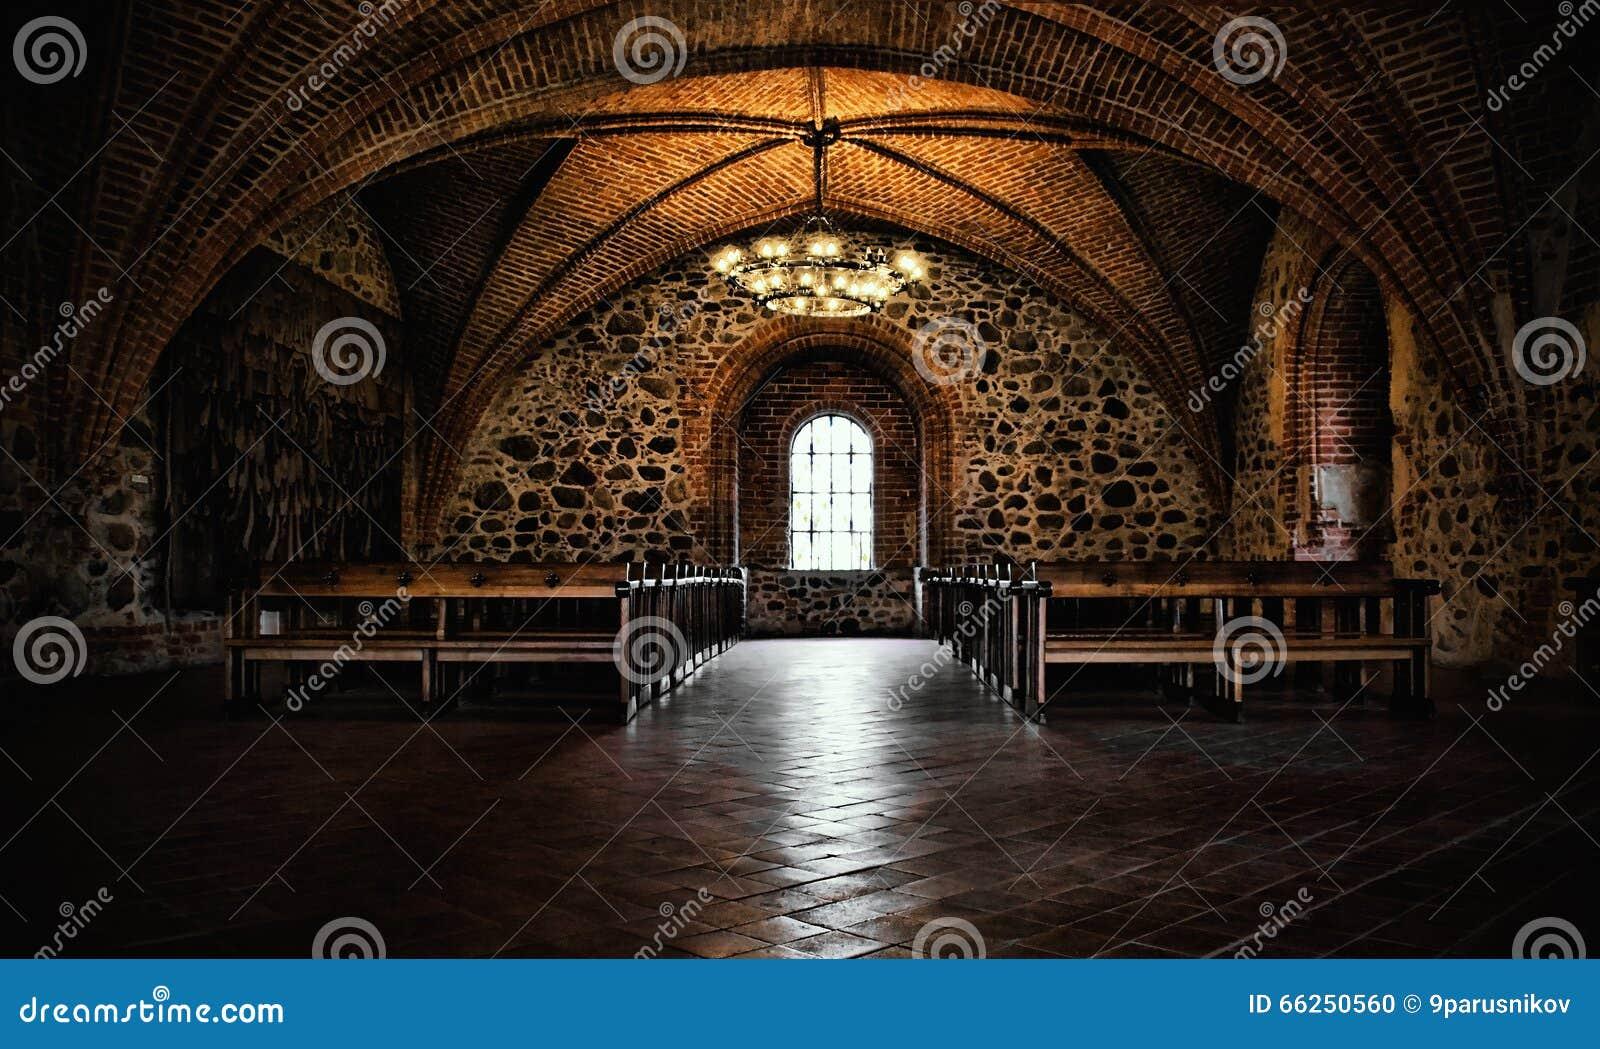 防御室,地道中世纪内部,哥特式大厅.图片